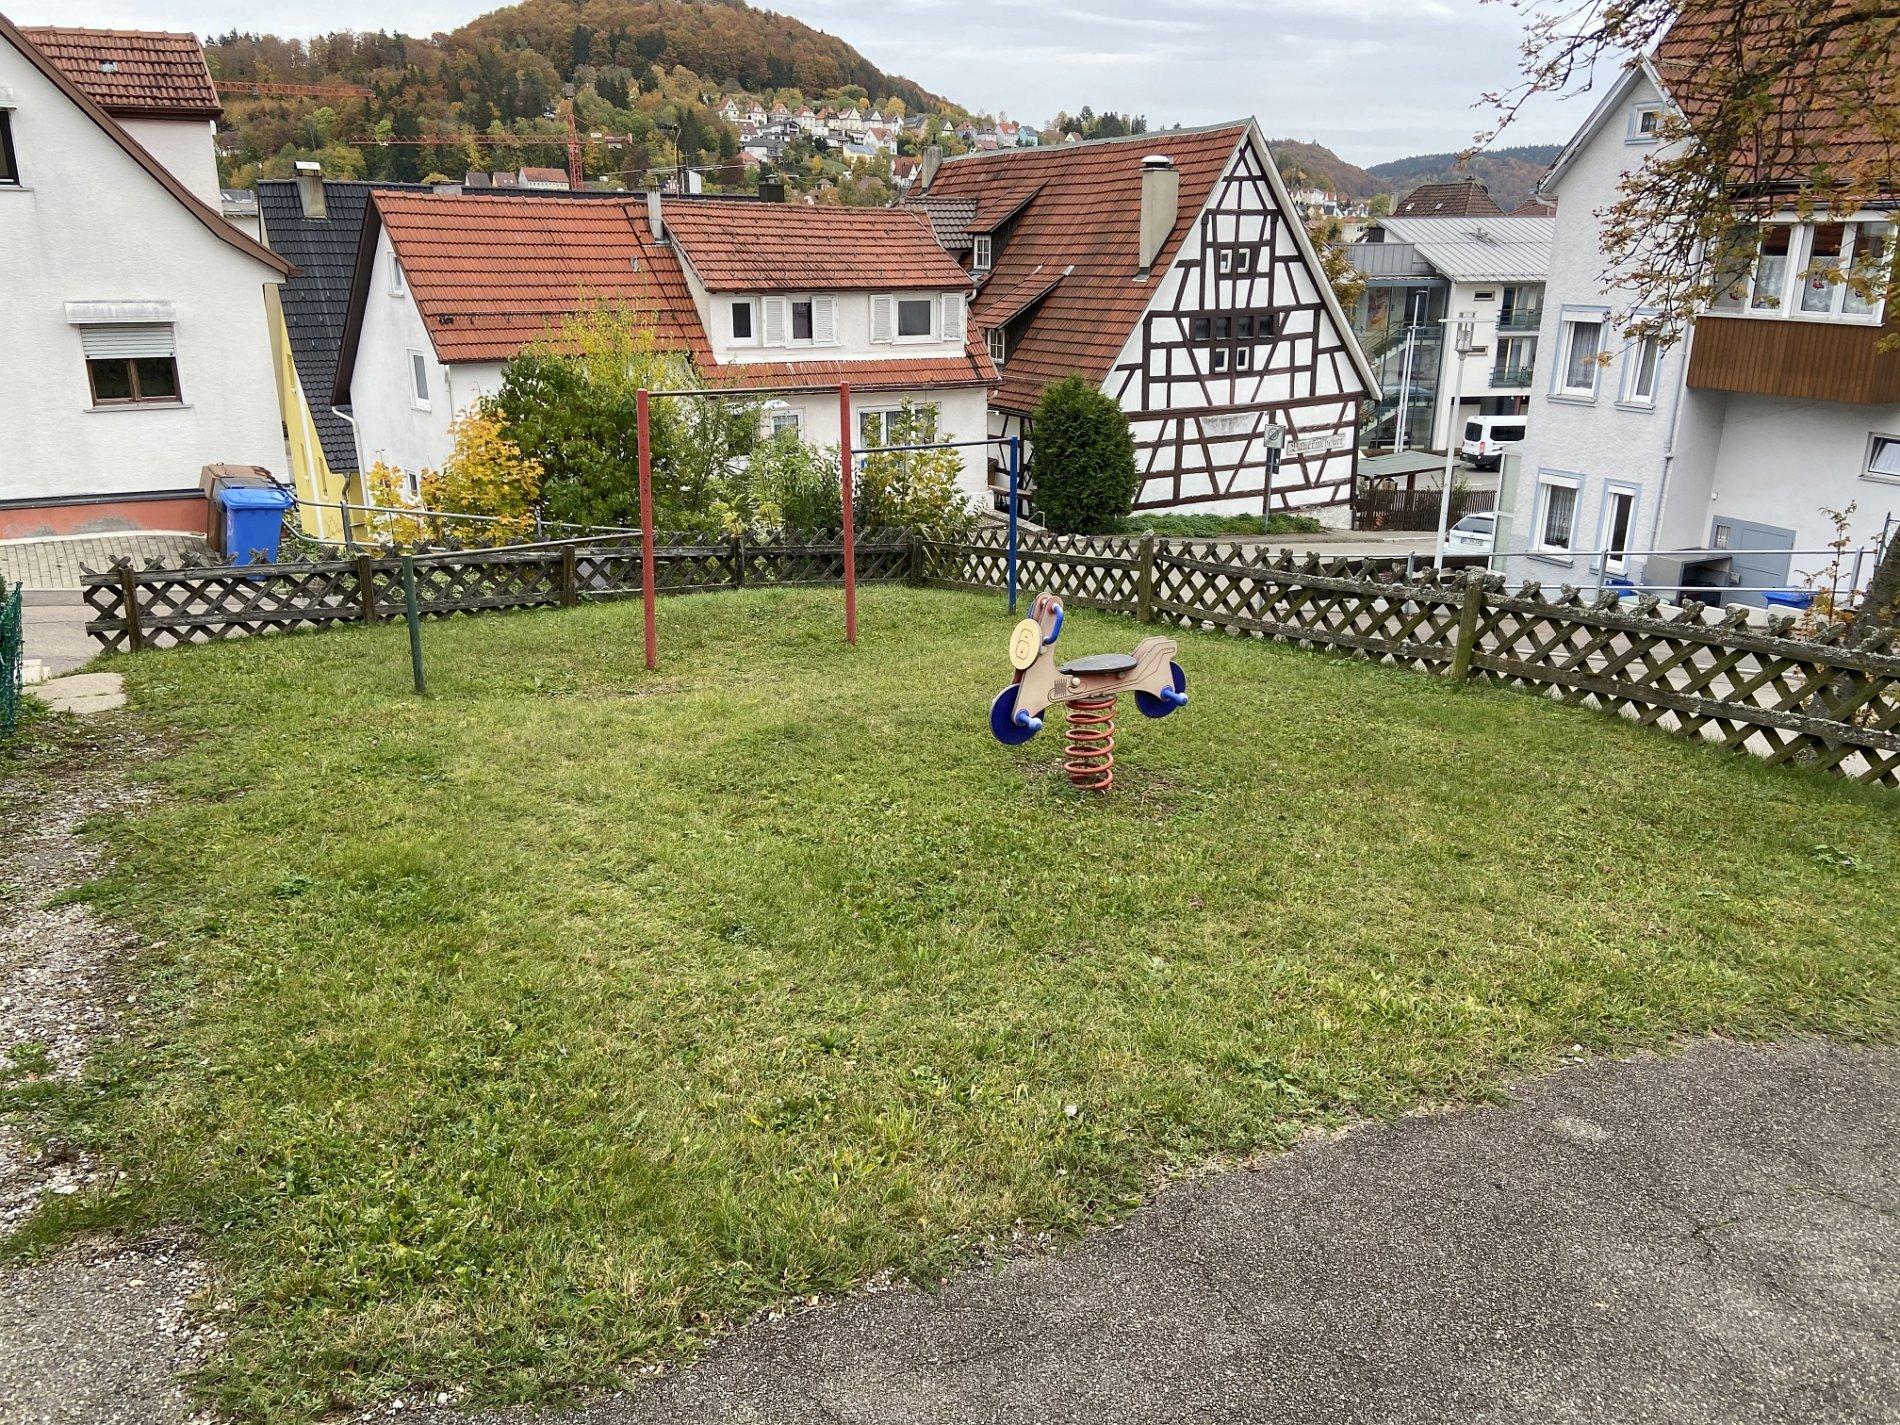 Spielplatz Kapfstraße-Tolle Spielgeräte!